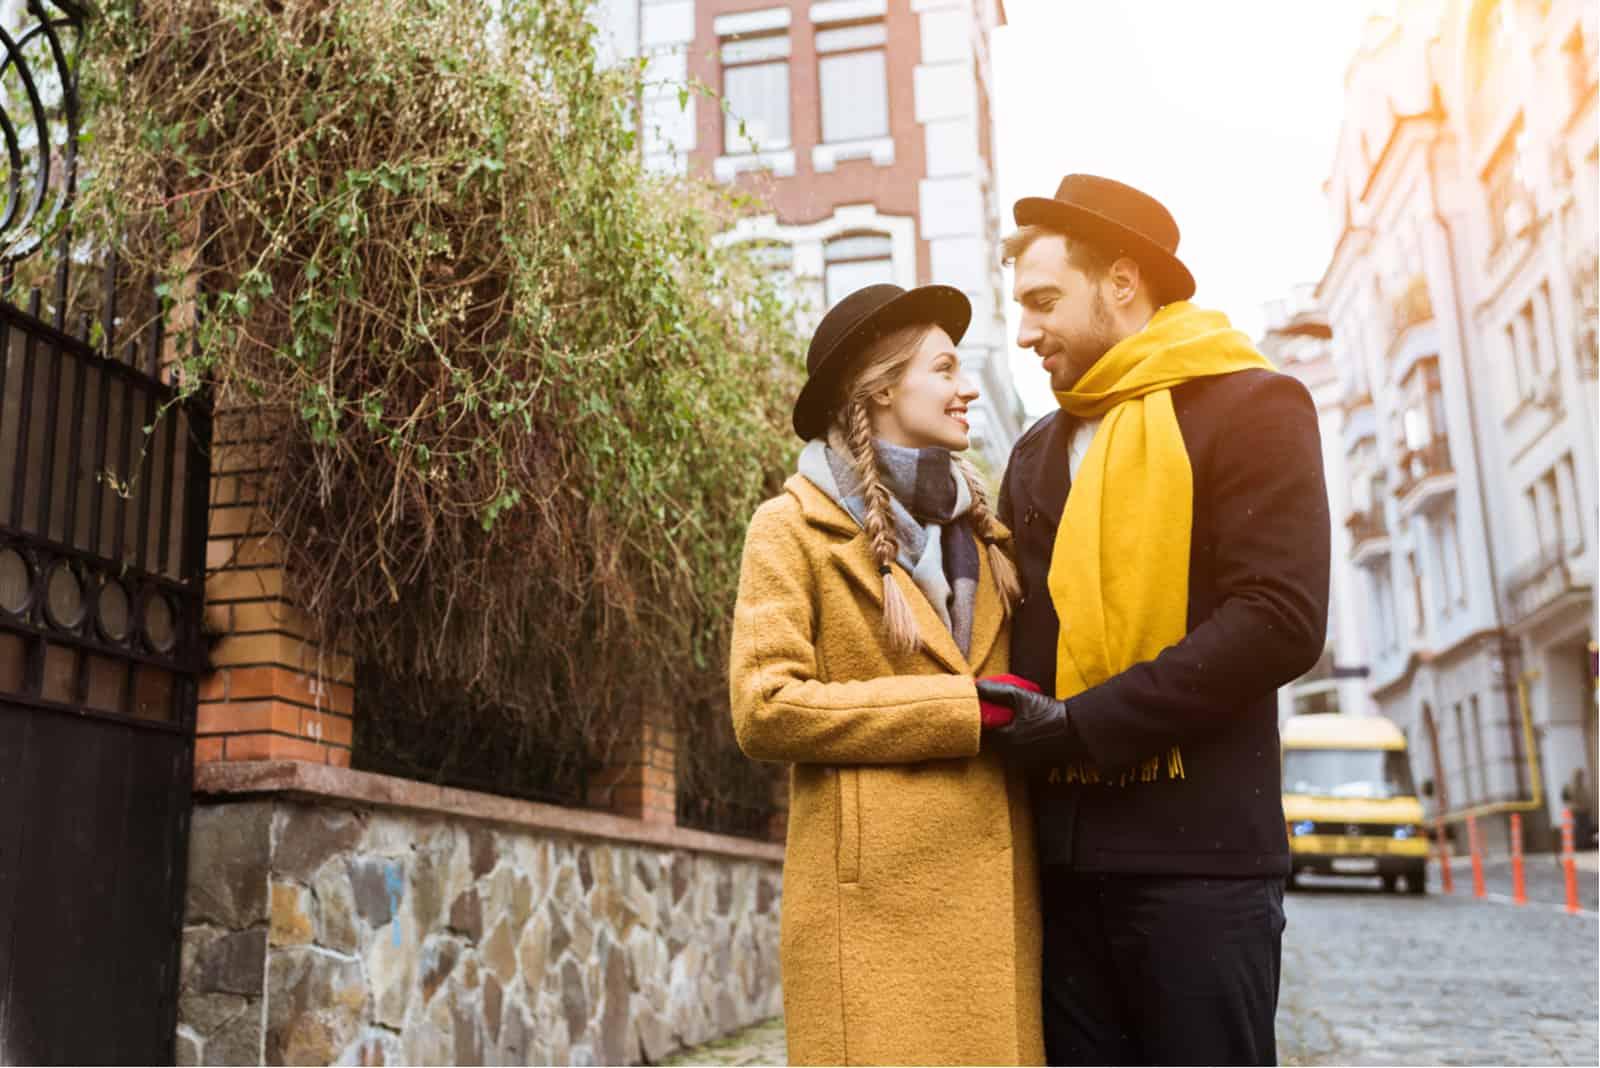 im Herbst steht ein Paar Händchen haltend auf der Straße